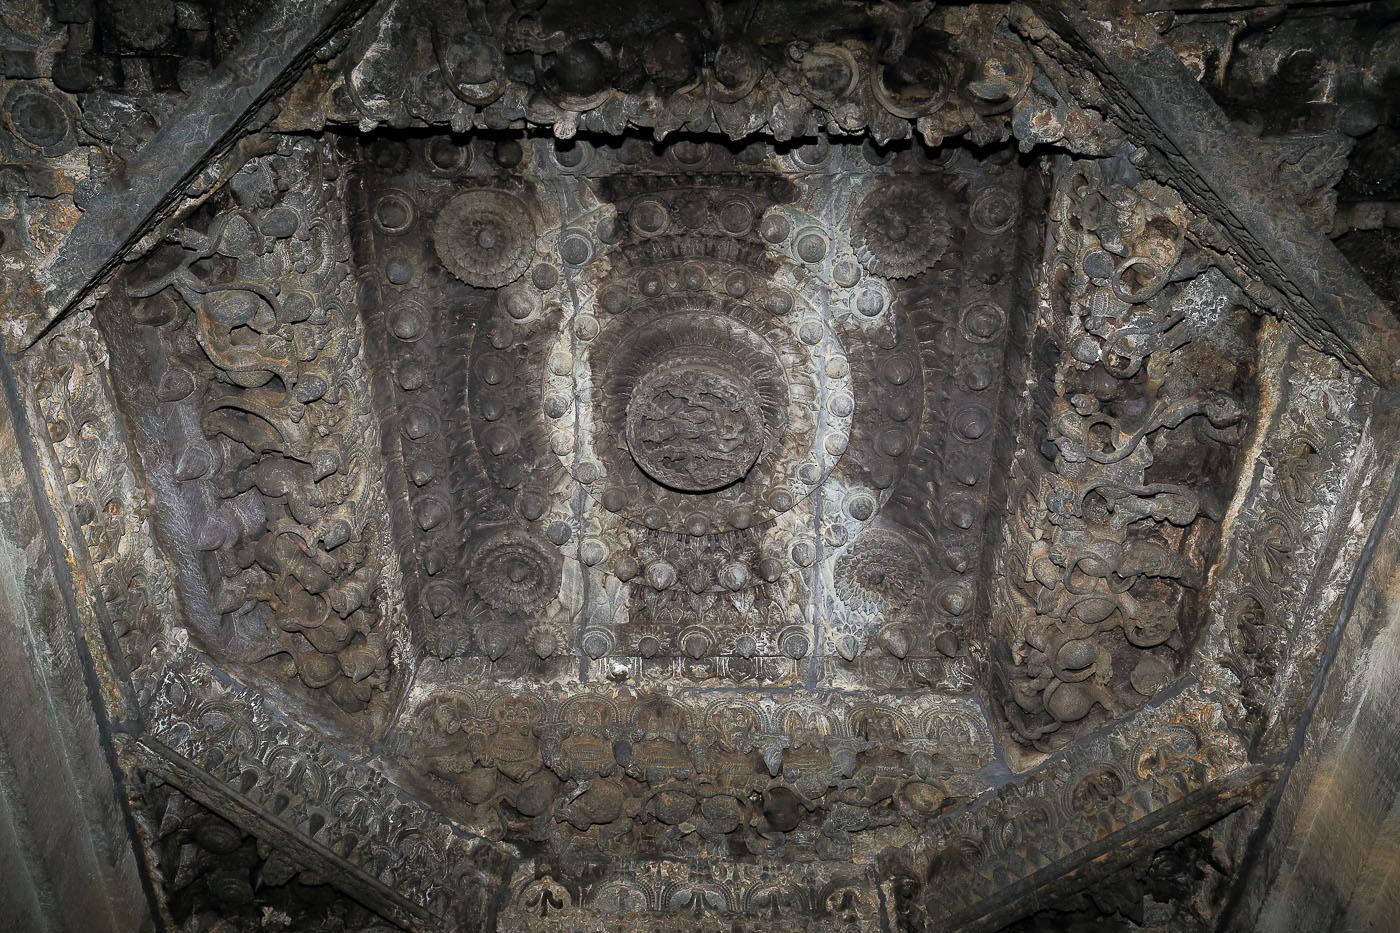 Фотография №17. Храмовый ансамбль Ченнакесава. Свод главного храма. 1/60, 0 eV, f 10, 26 mm, вспышка, ISO 800)